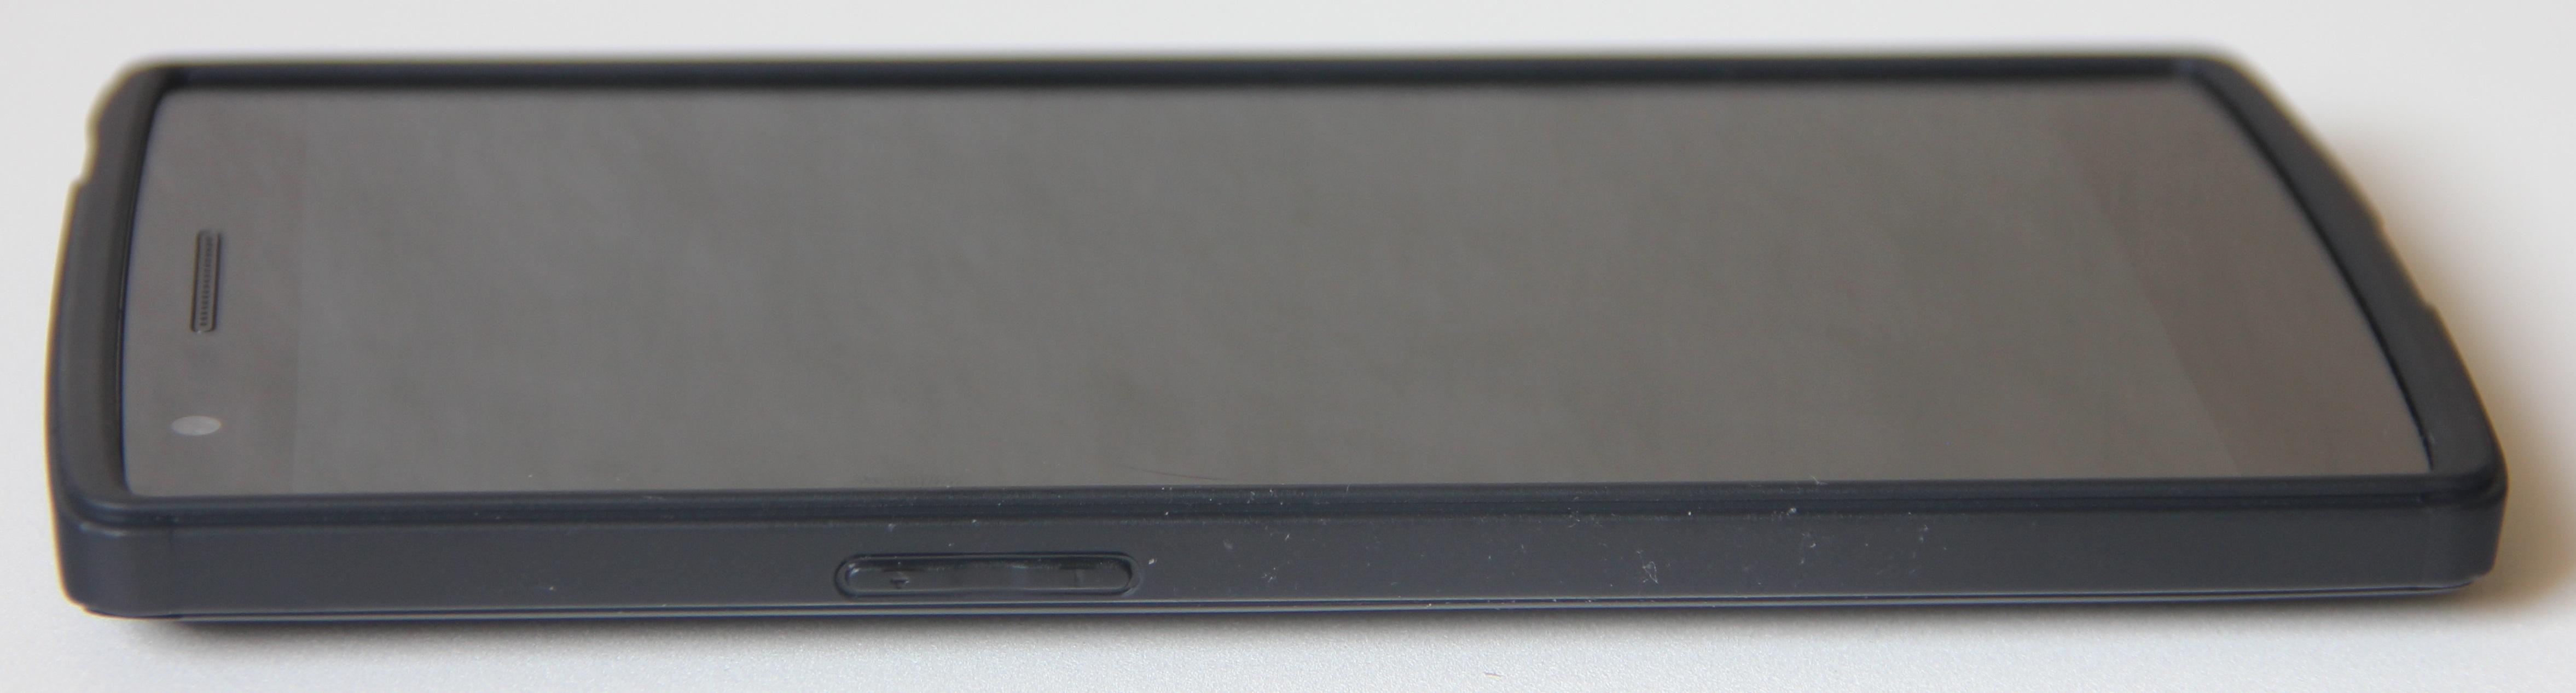 OnePlus One - Izgled - 19